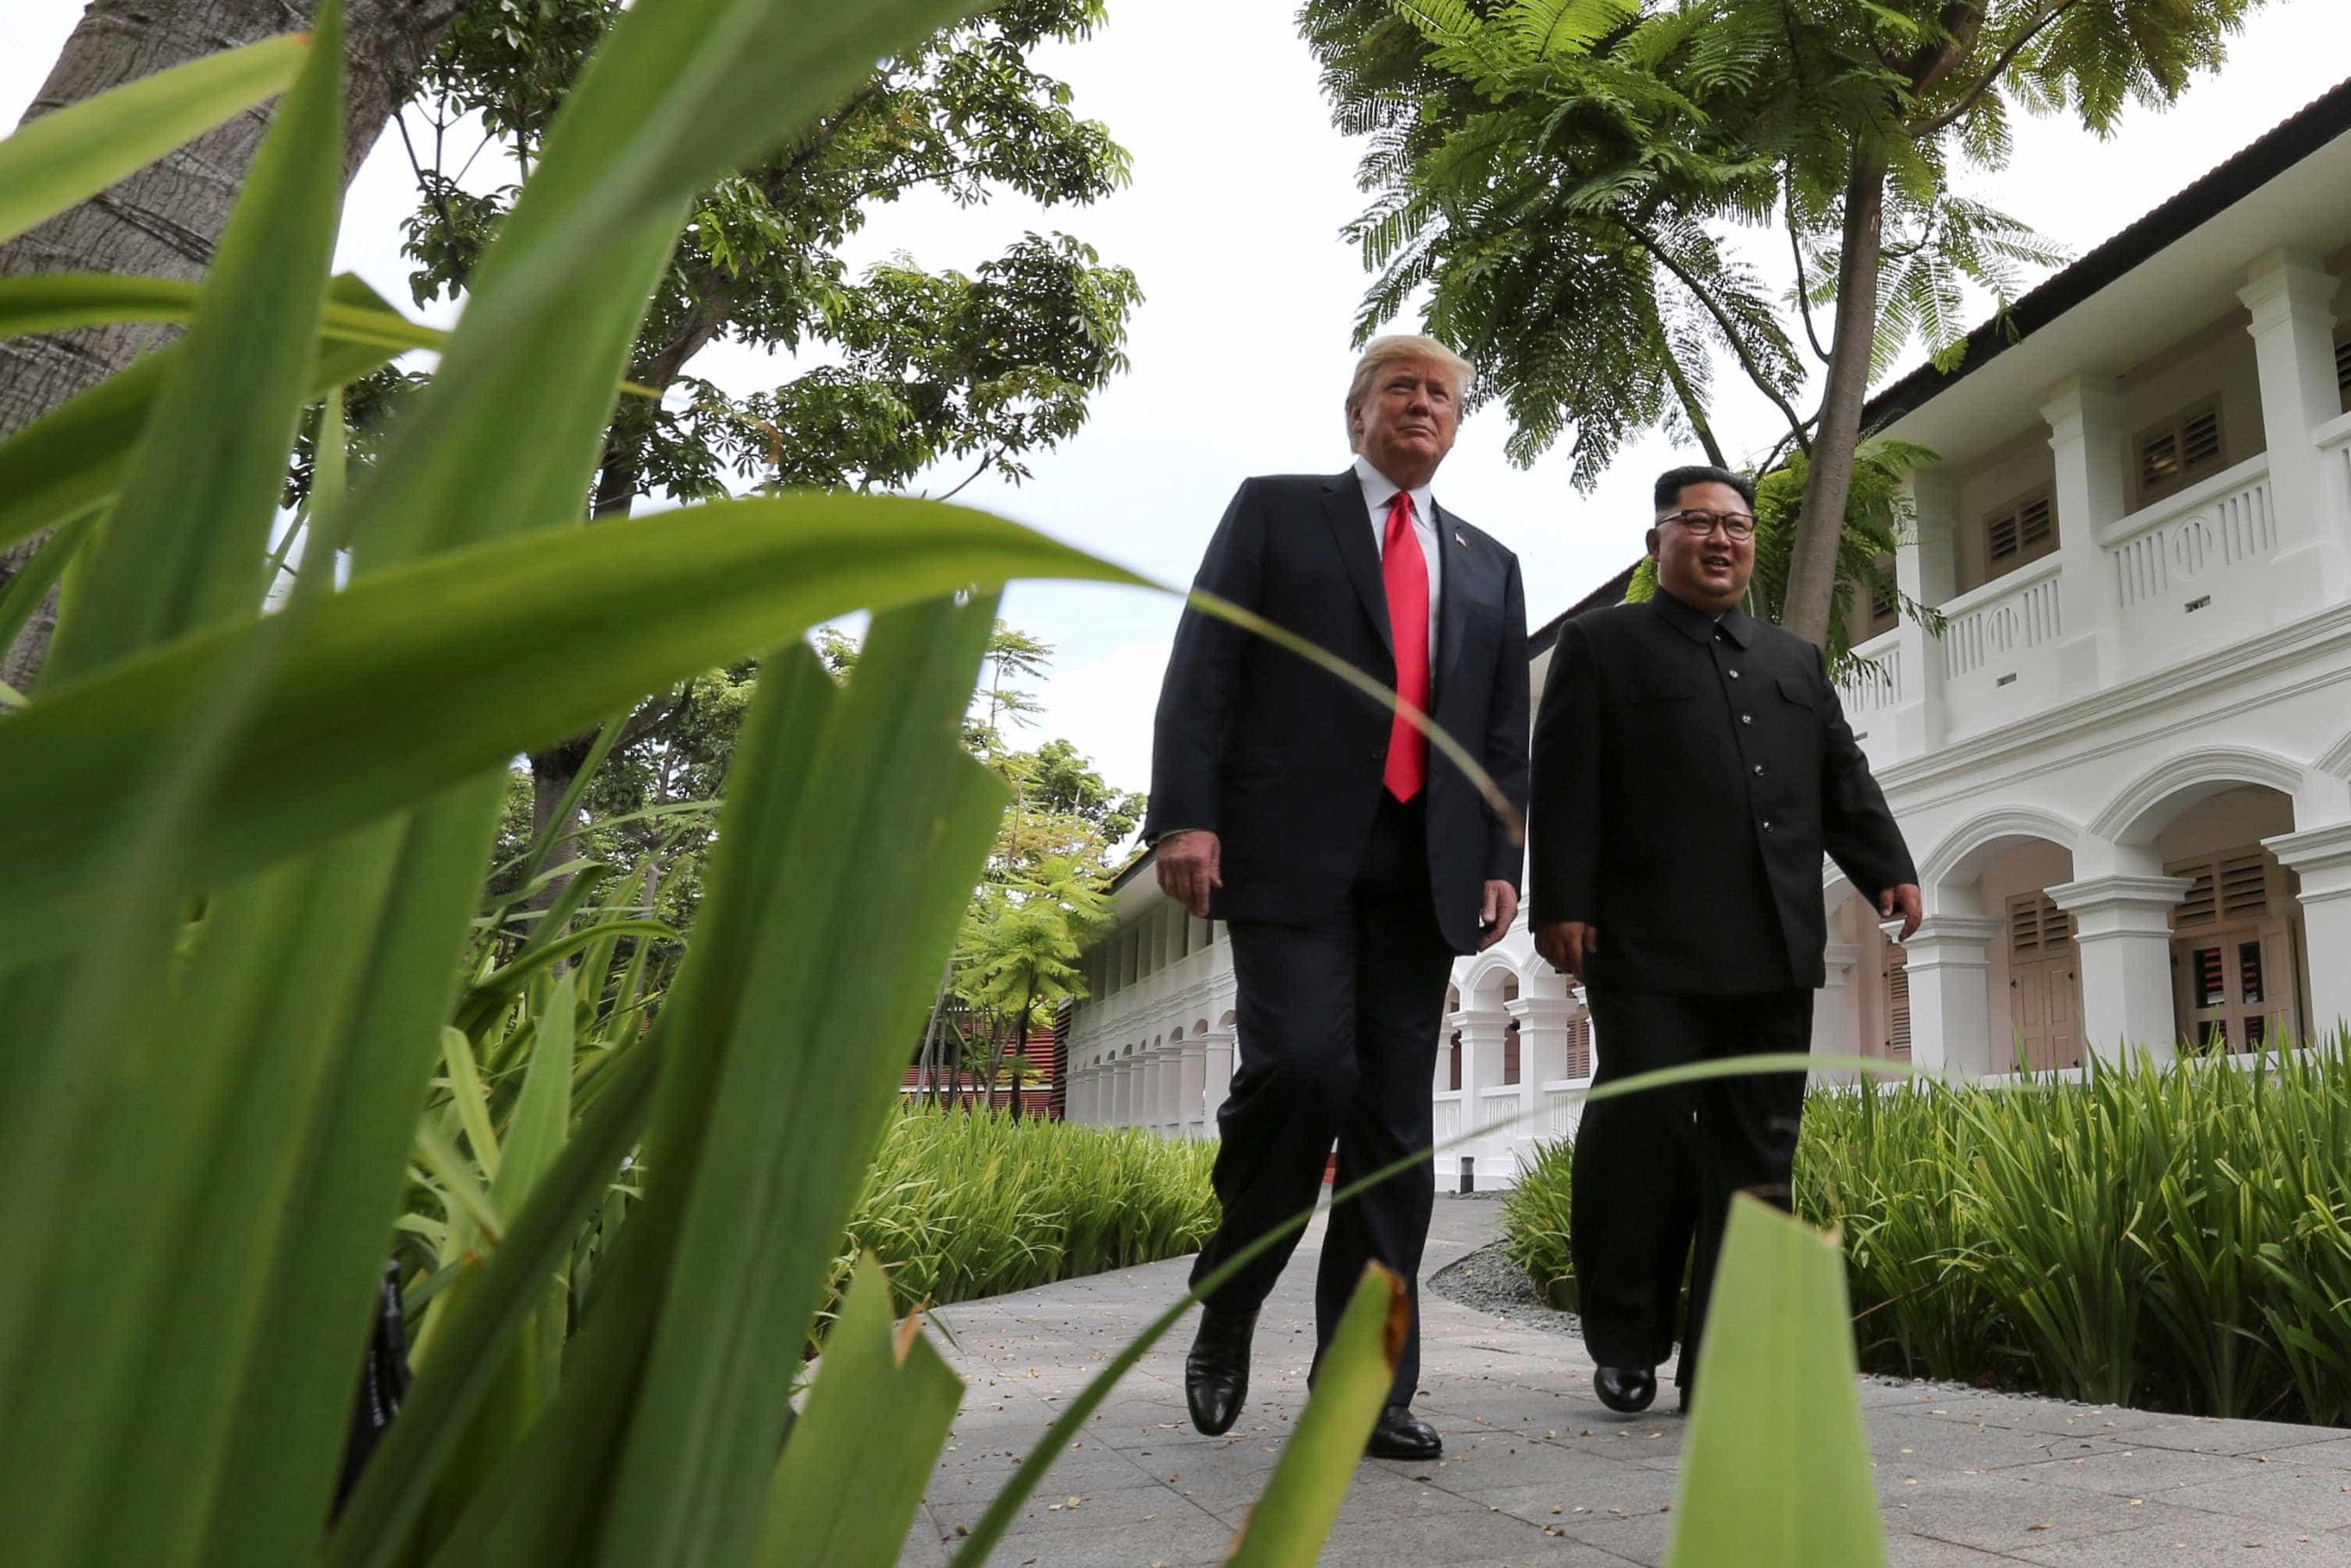 Próxima reunião entre Trump e Kim será em fevereiro